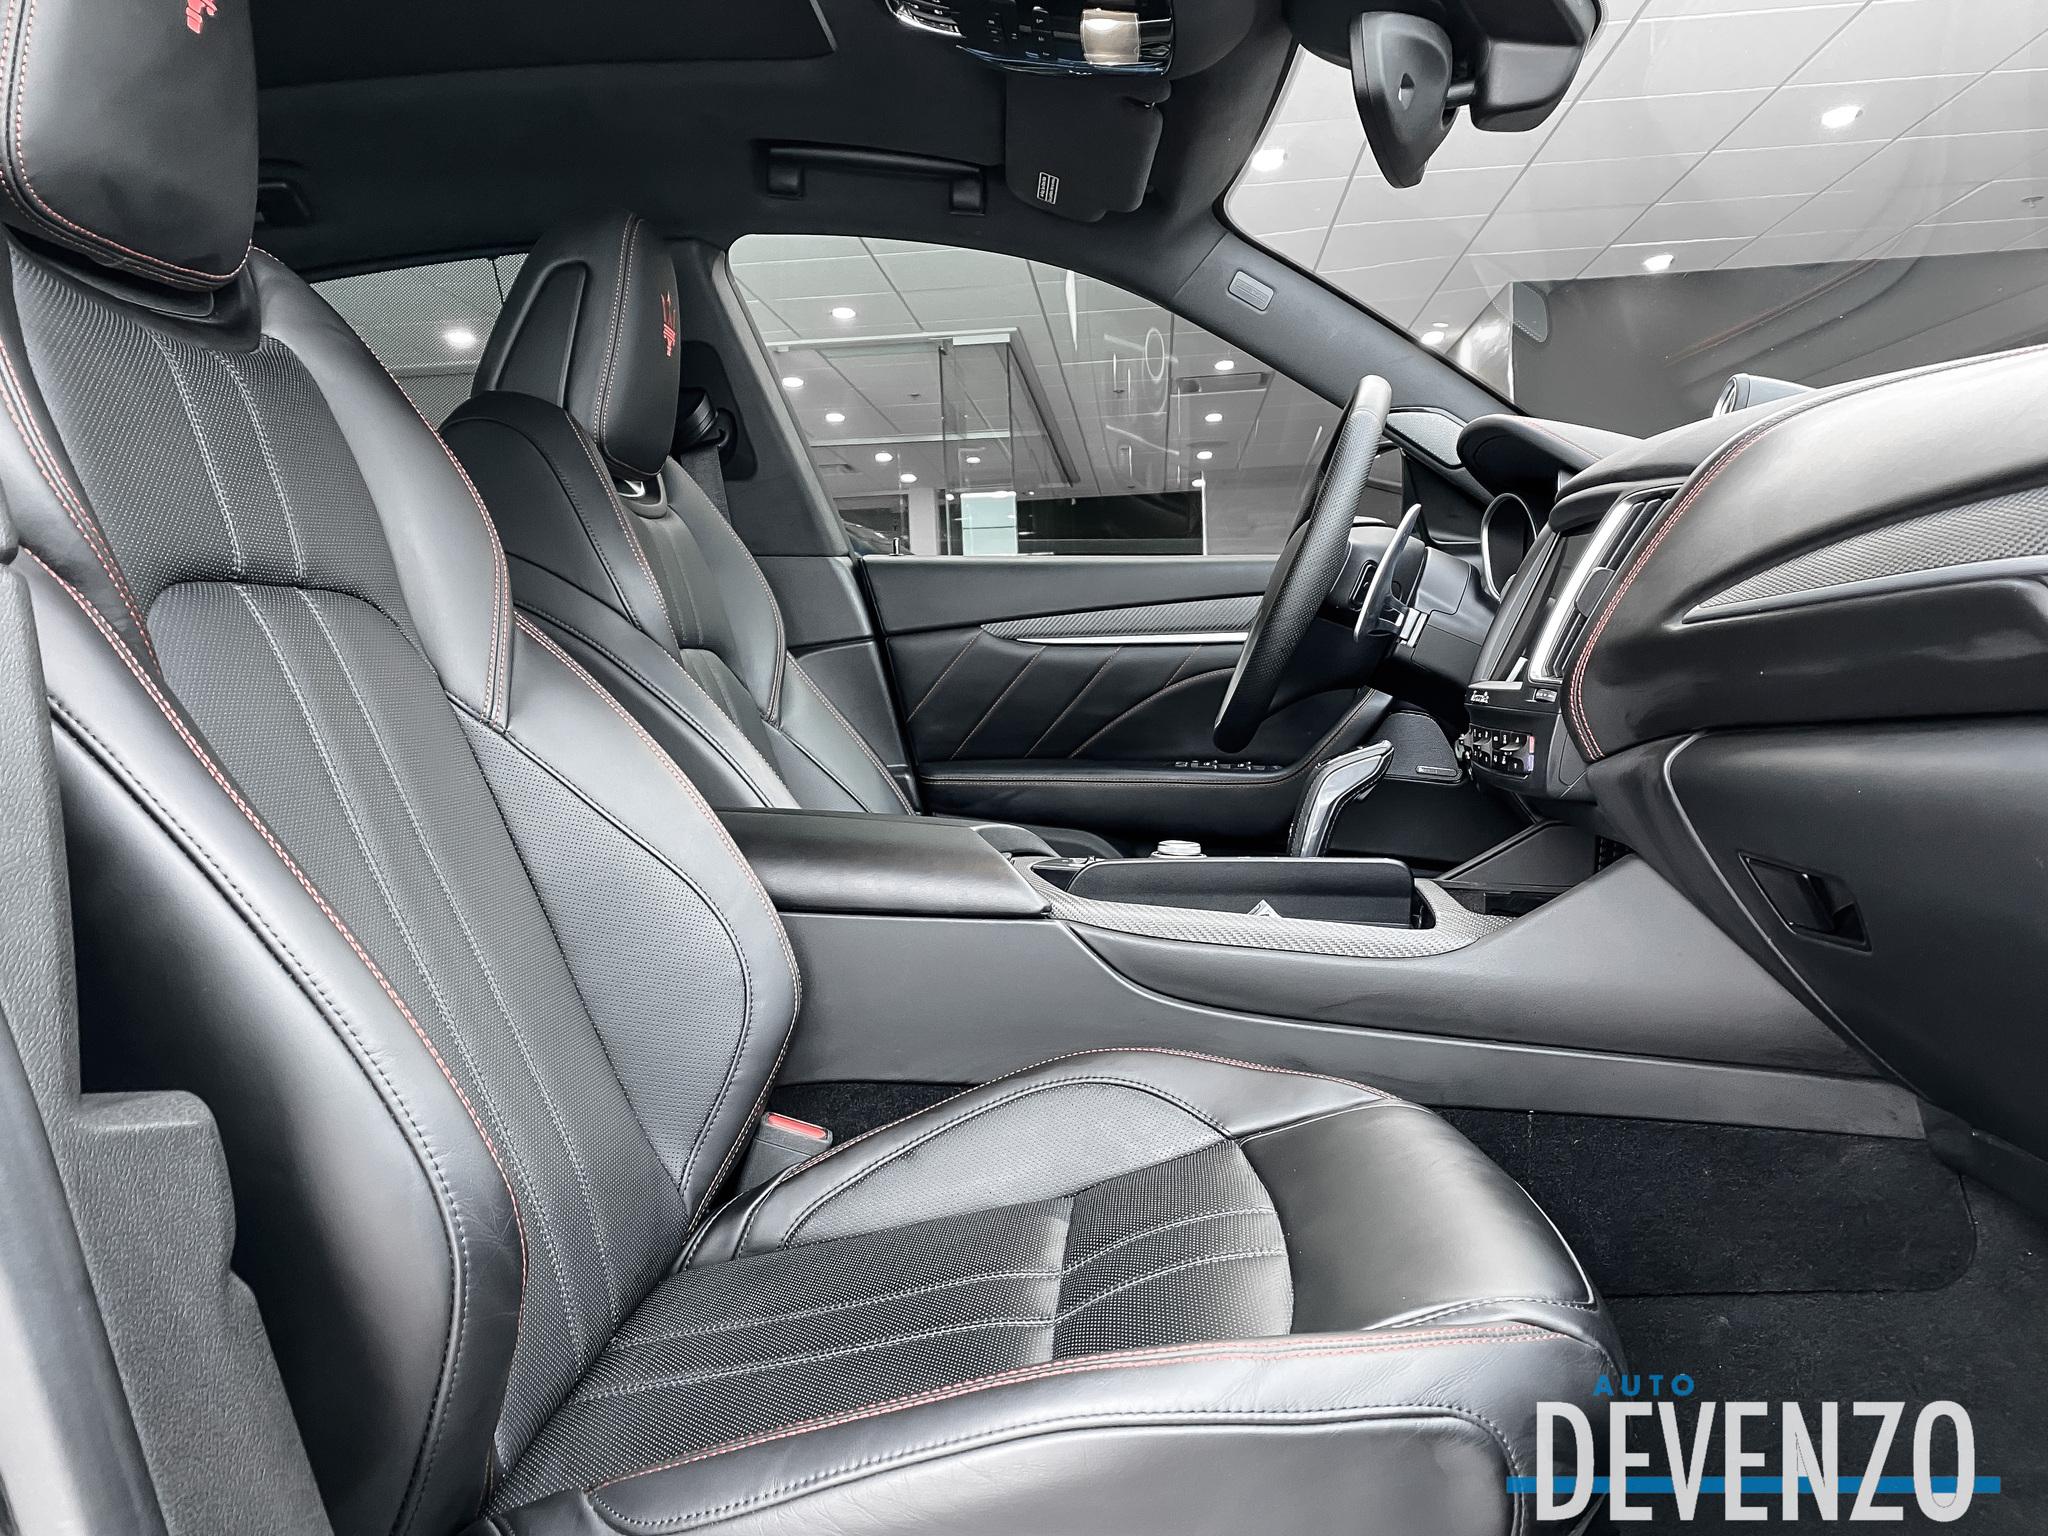 2019 Maserati Levante S GranSport 3.0L 430HP Warranty 27/12/2023 complet